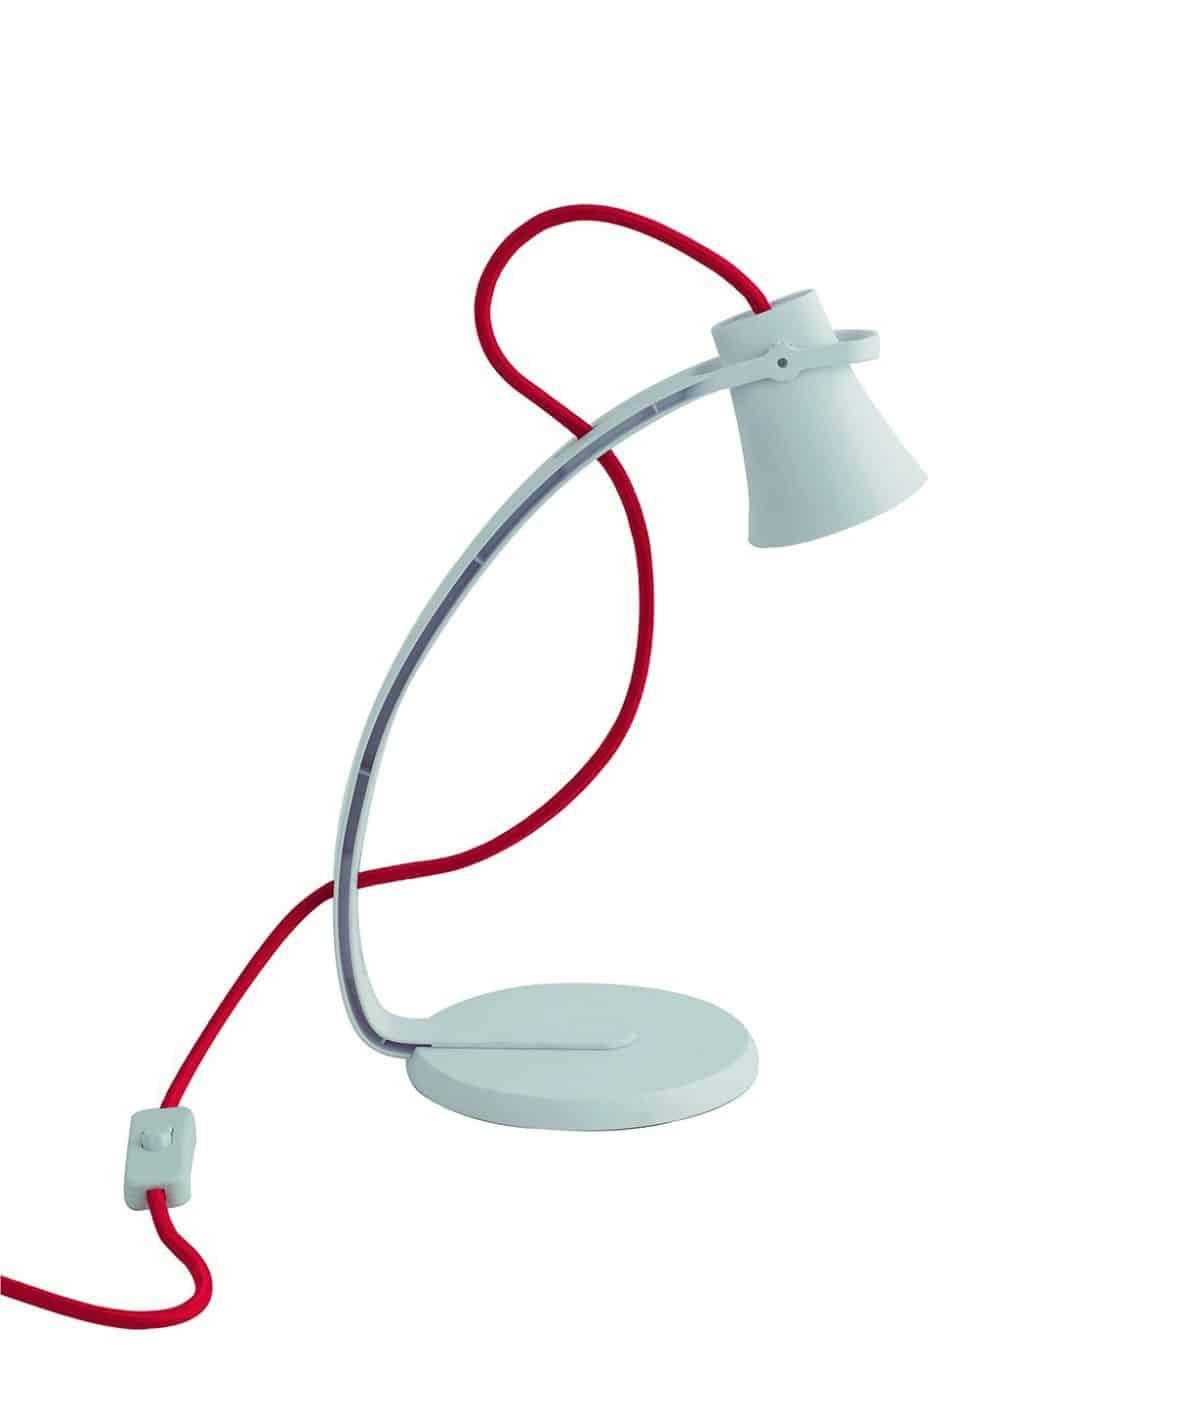 Φωτιστικό γραφείου led λευκό KANT FAN EUROPE